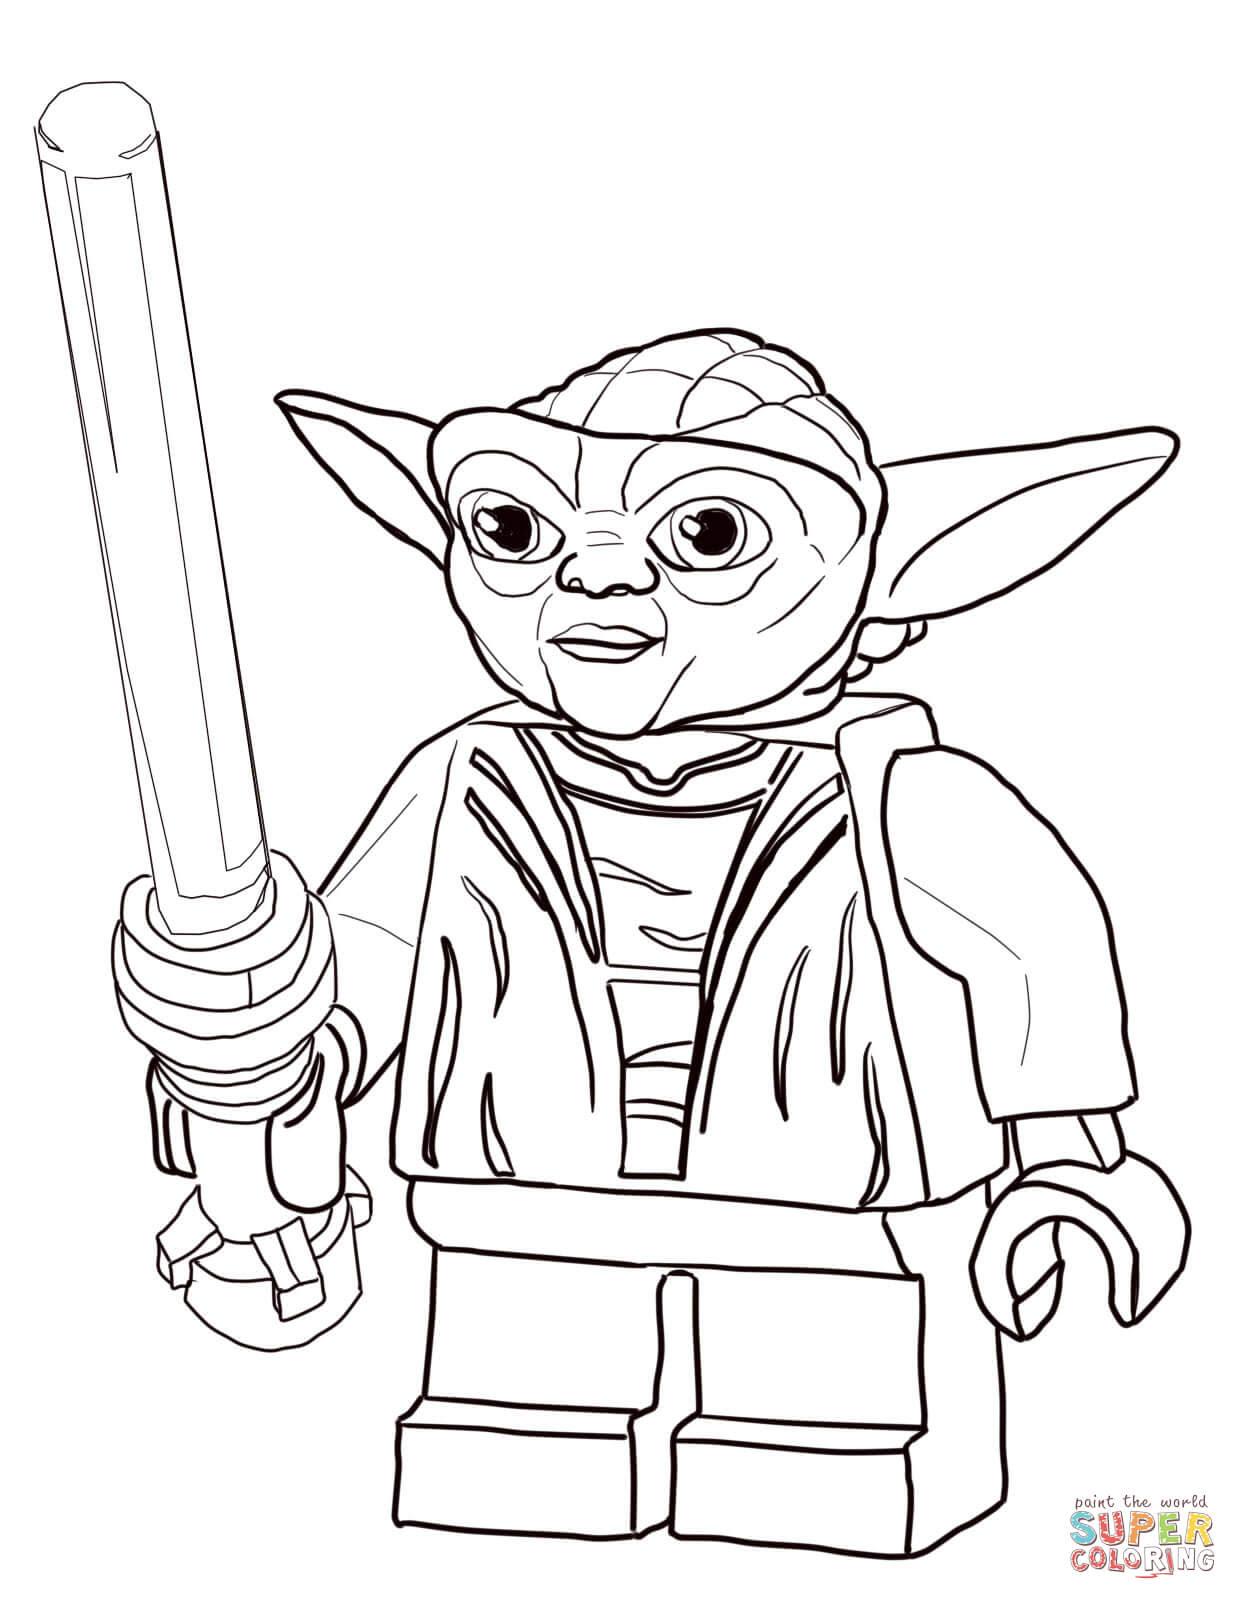 Dibujo De Maestro Yoda De Star Wars Lego Para Colorear Dibujos